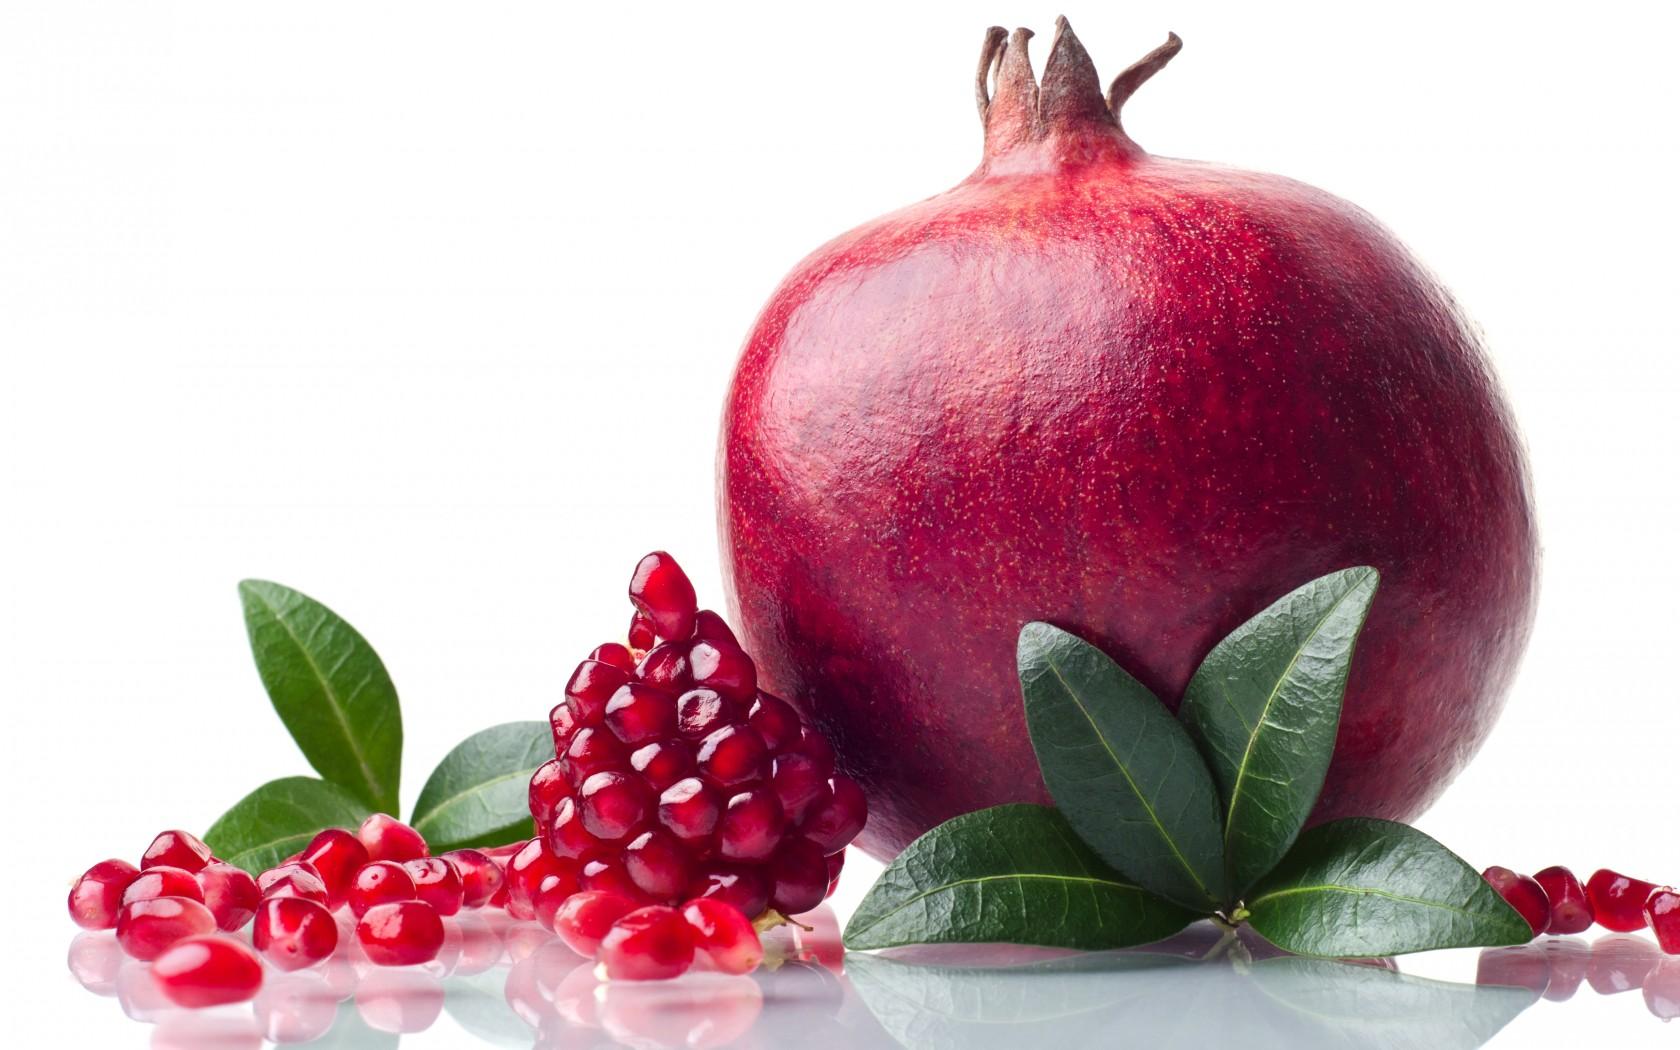 Гранат при сахарном диабете: польза, показания, противопоказания